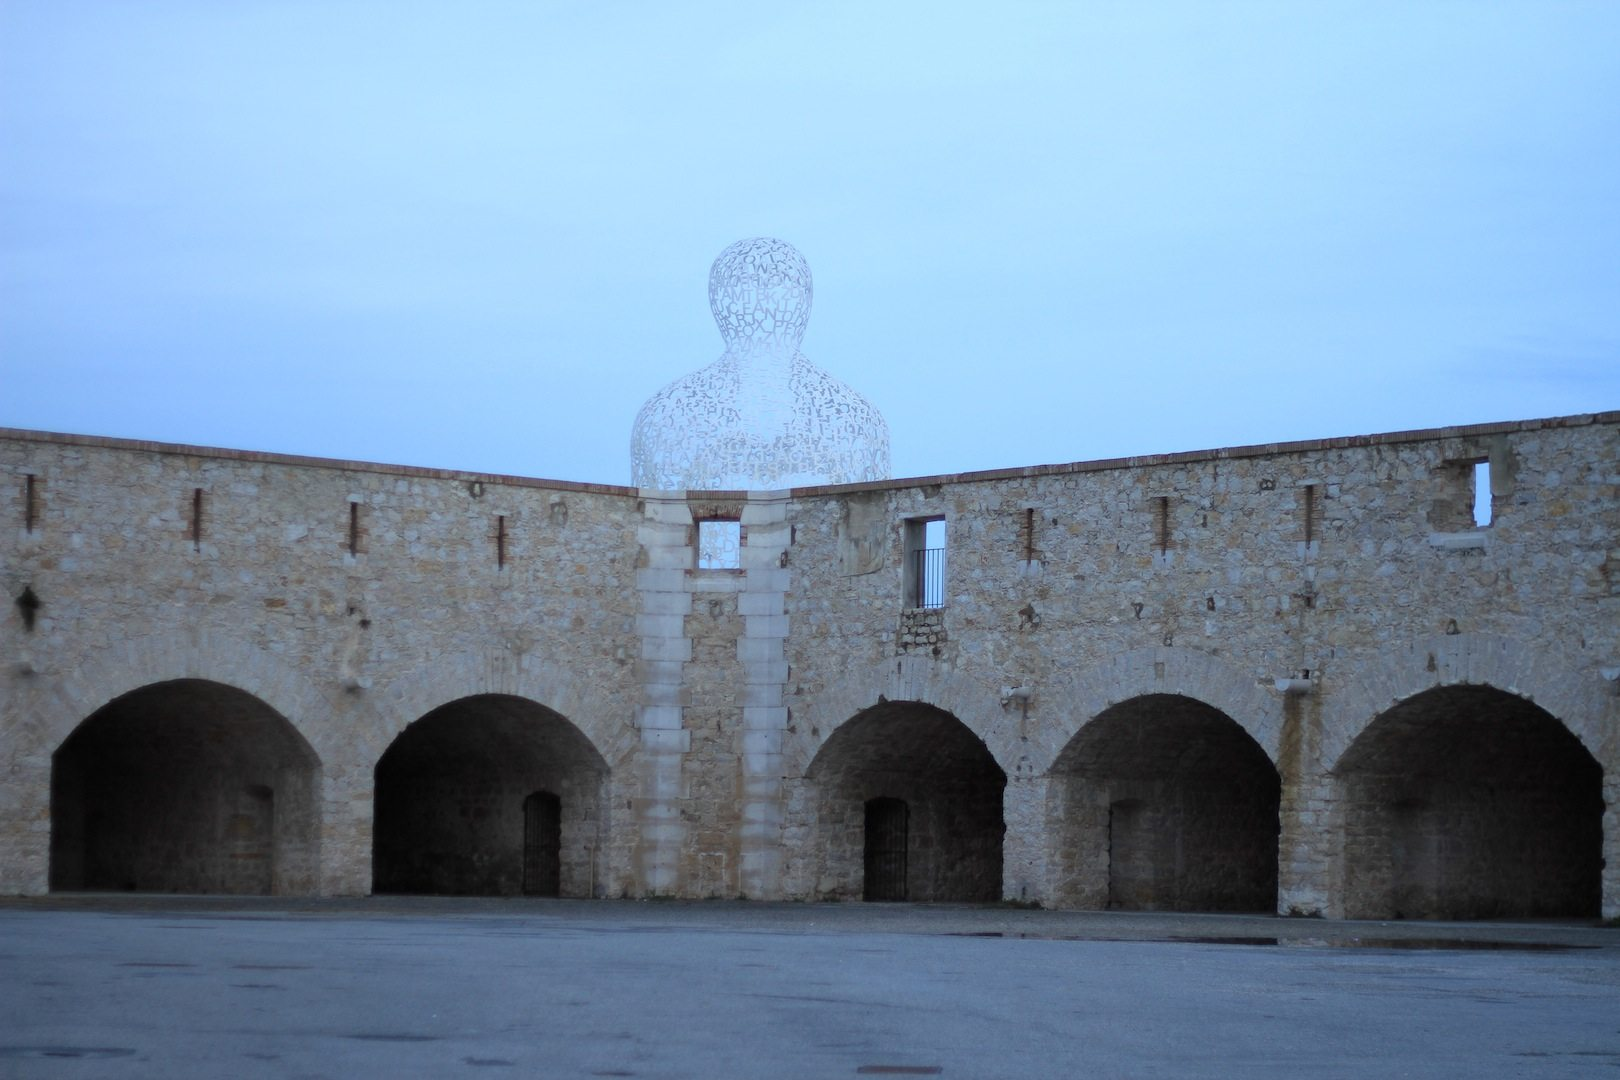 Nomade. Die Installation des Bildhauers Jaume Plensa aus Barcelona in Antibes.